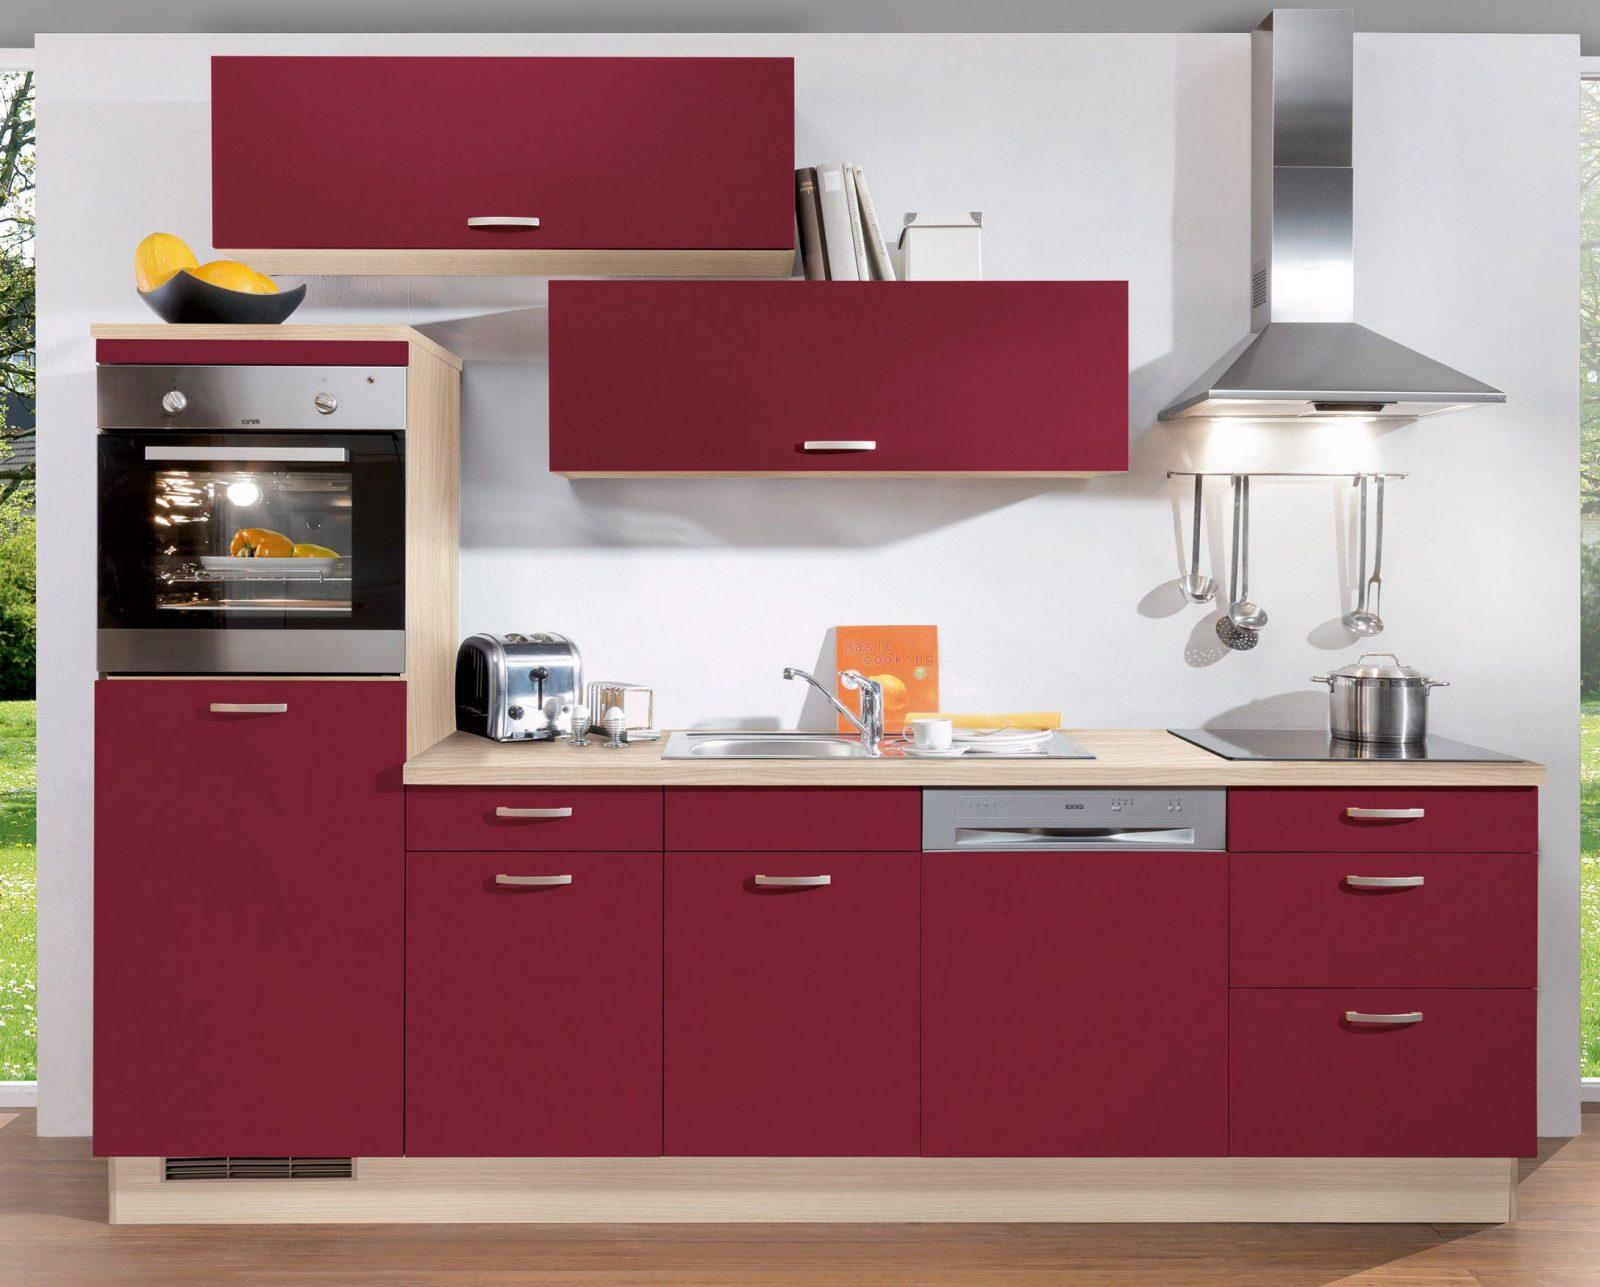 Einbauküchen Mit Elektrogeräten Ikea